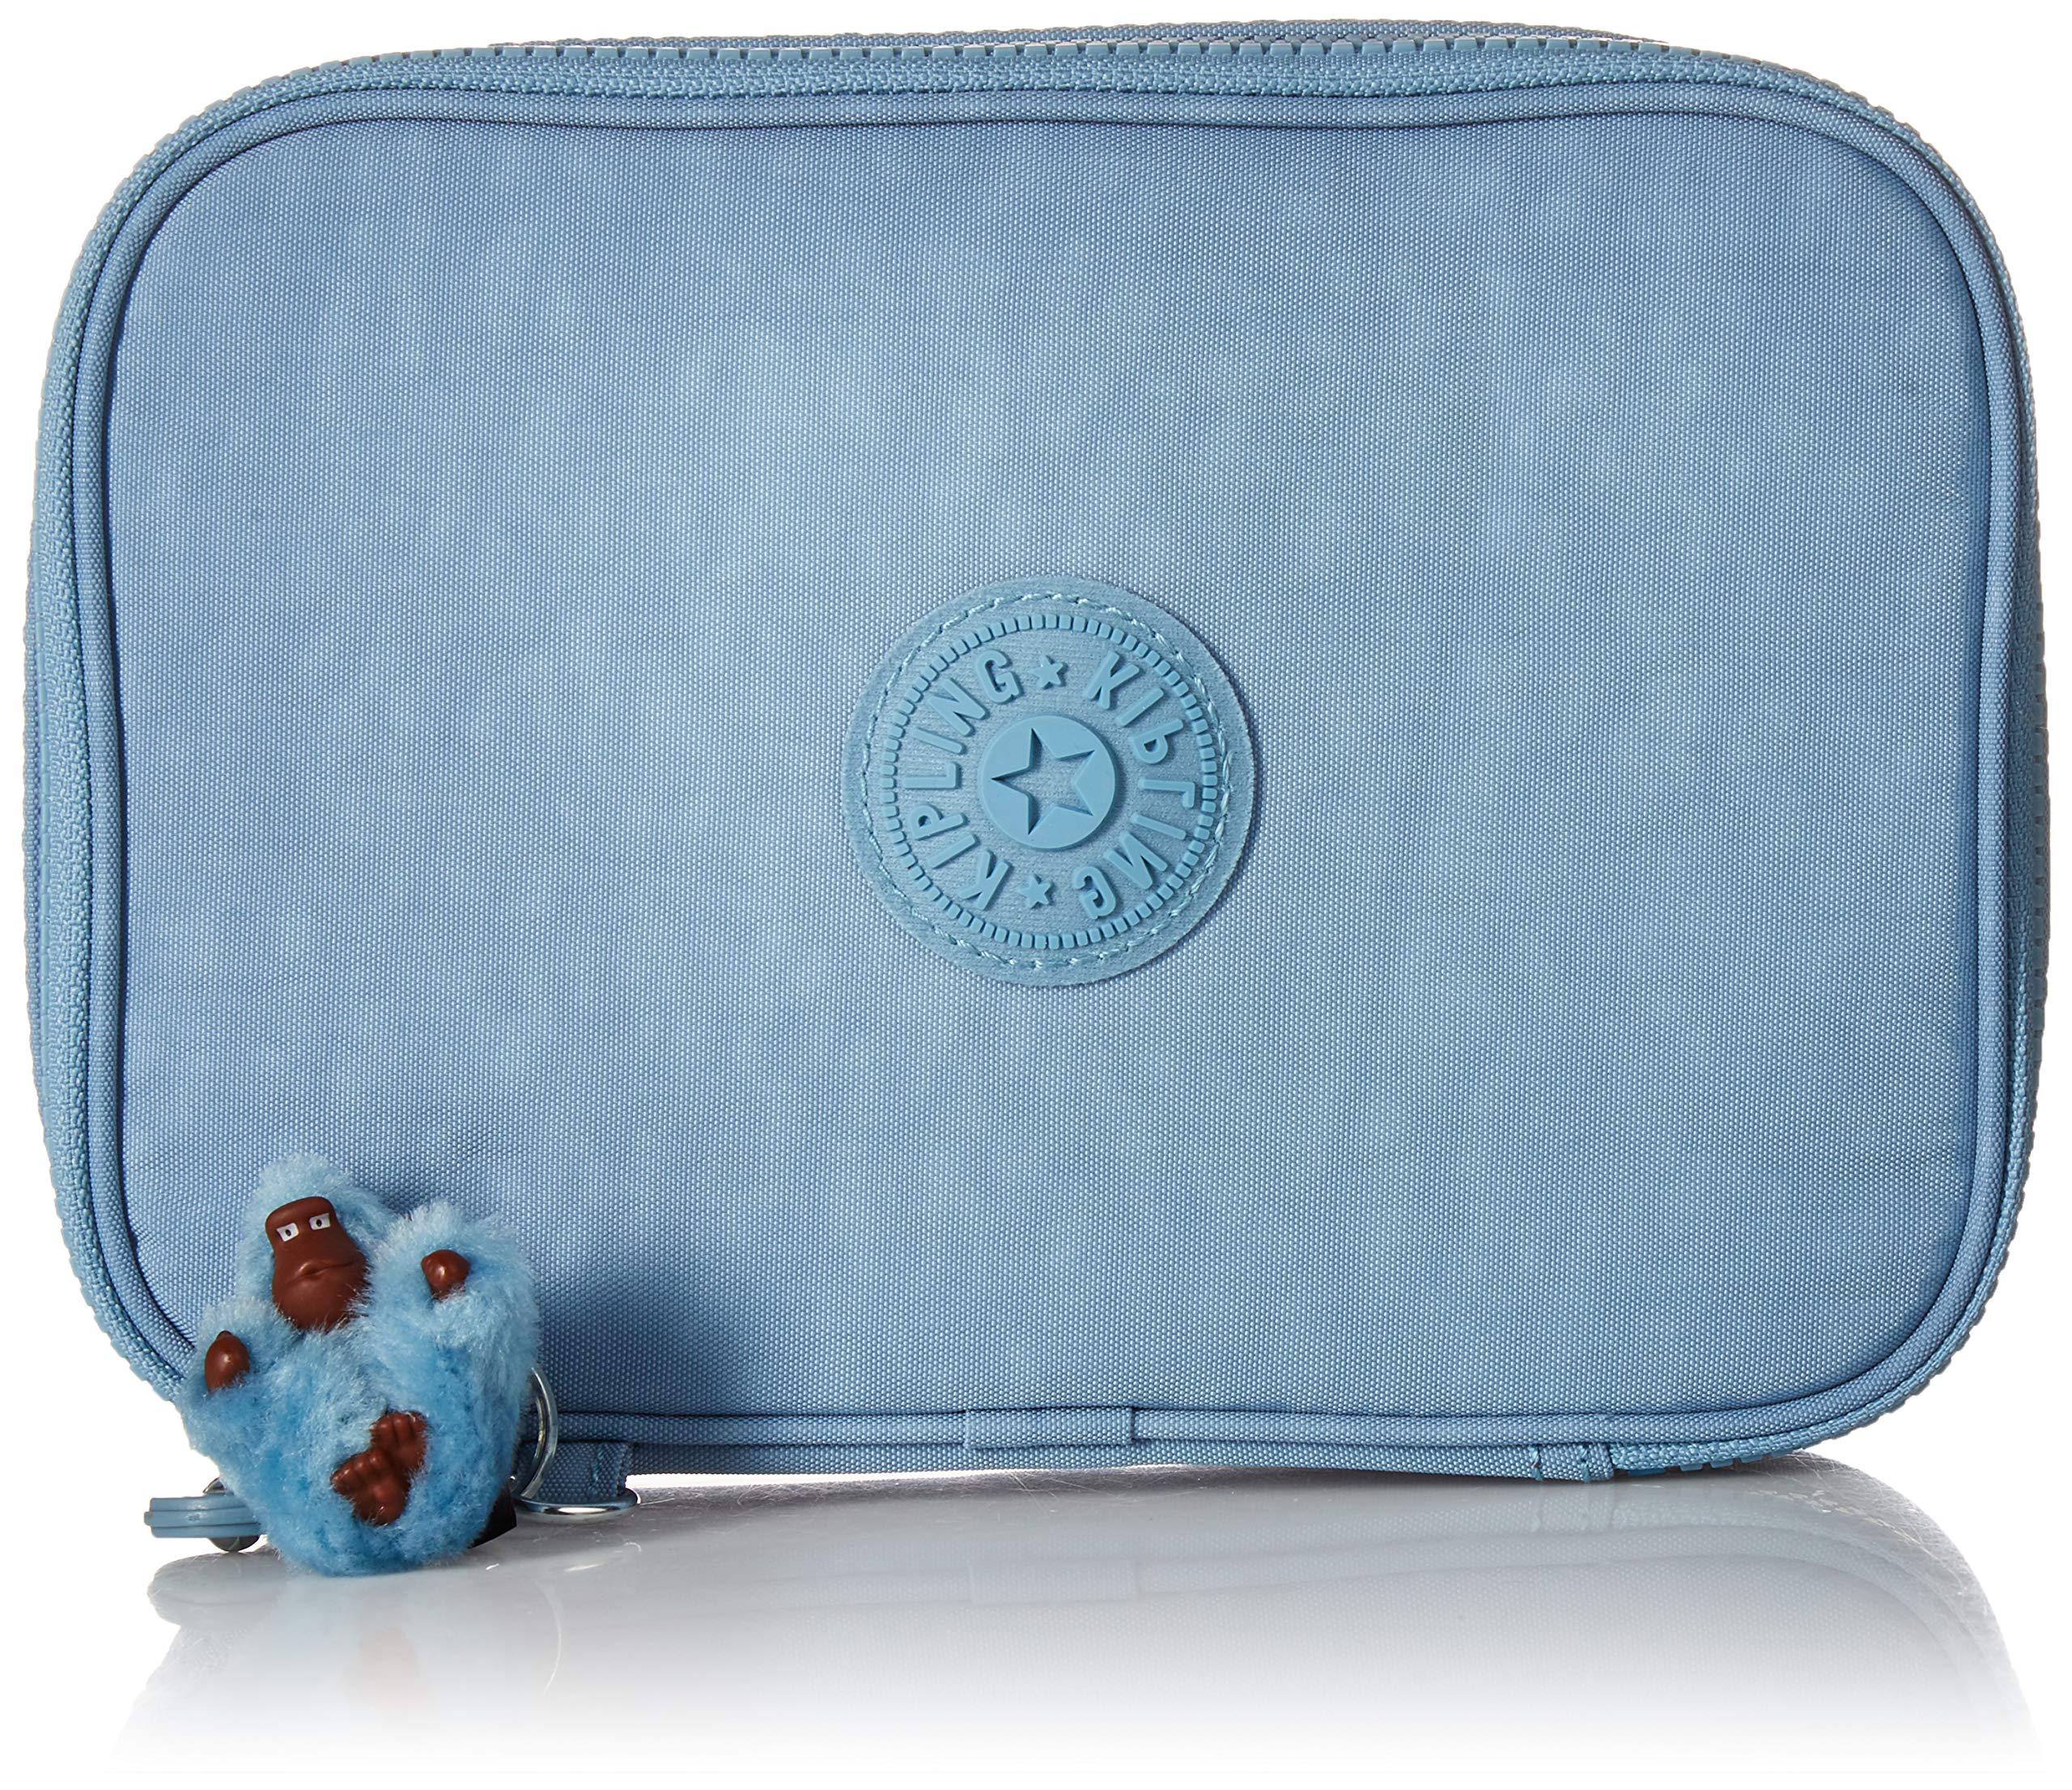 Kipling Women's 100 Pens Pencil Case, Essential Everyday Case, Zip Closure, blue beam tonal by Kipling